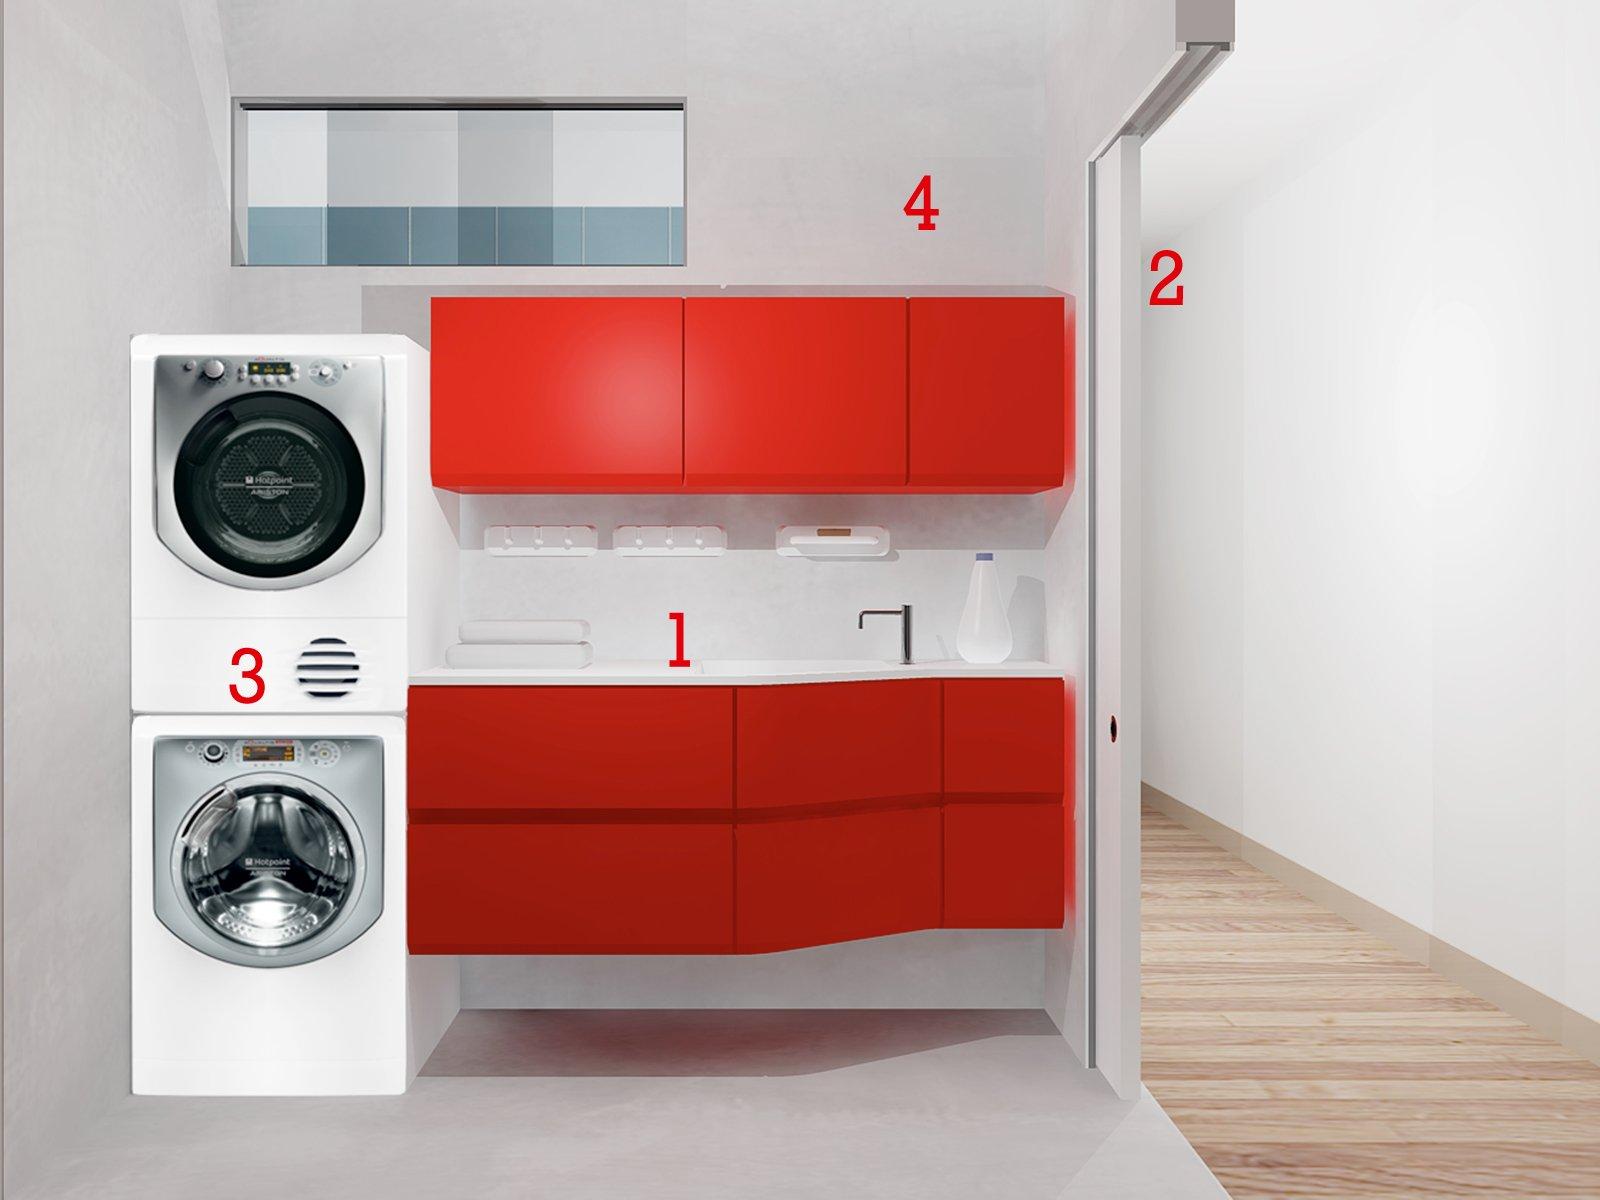 Casa immobiliare accessori mobili per lavanderia - Mobili per lavanderia di casa ...